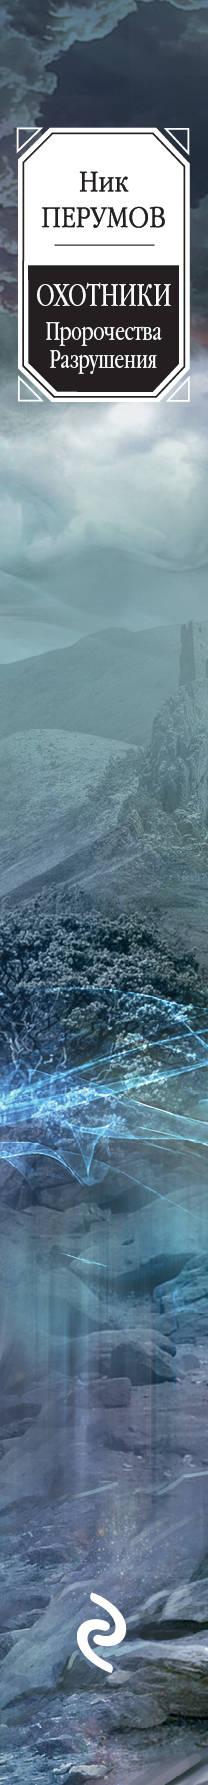 Охотники. Пророчества Разрушения | Перумов Николай Даниилович